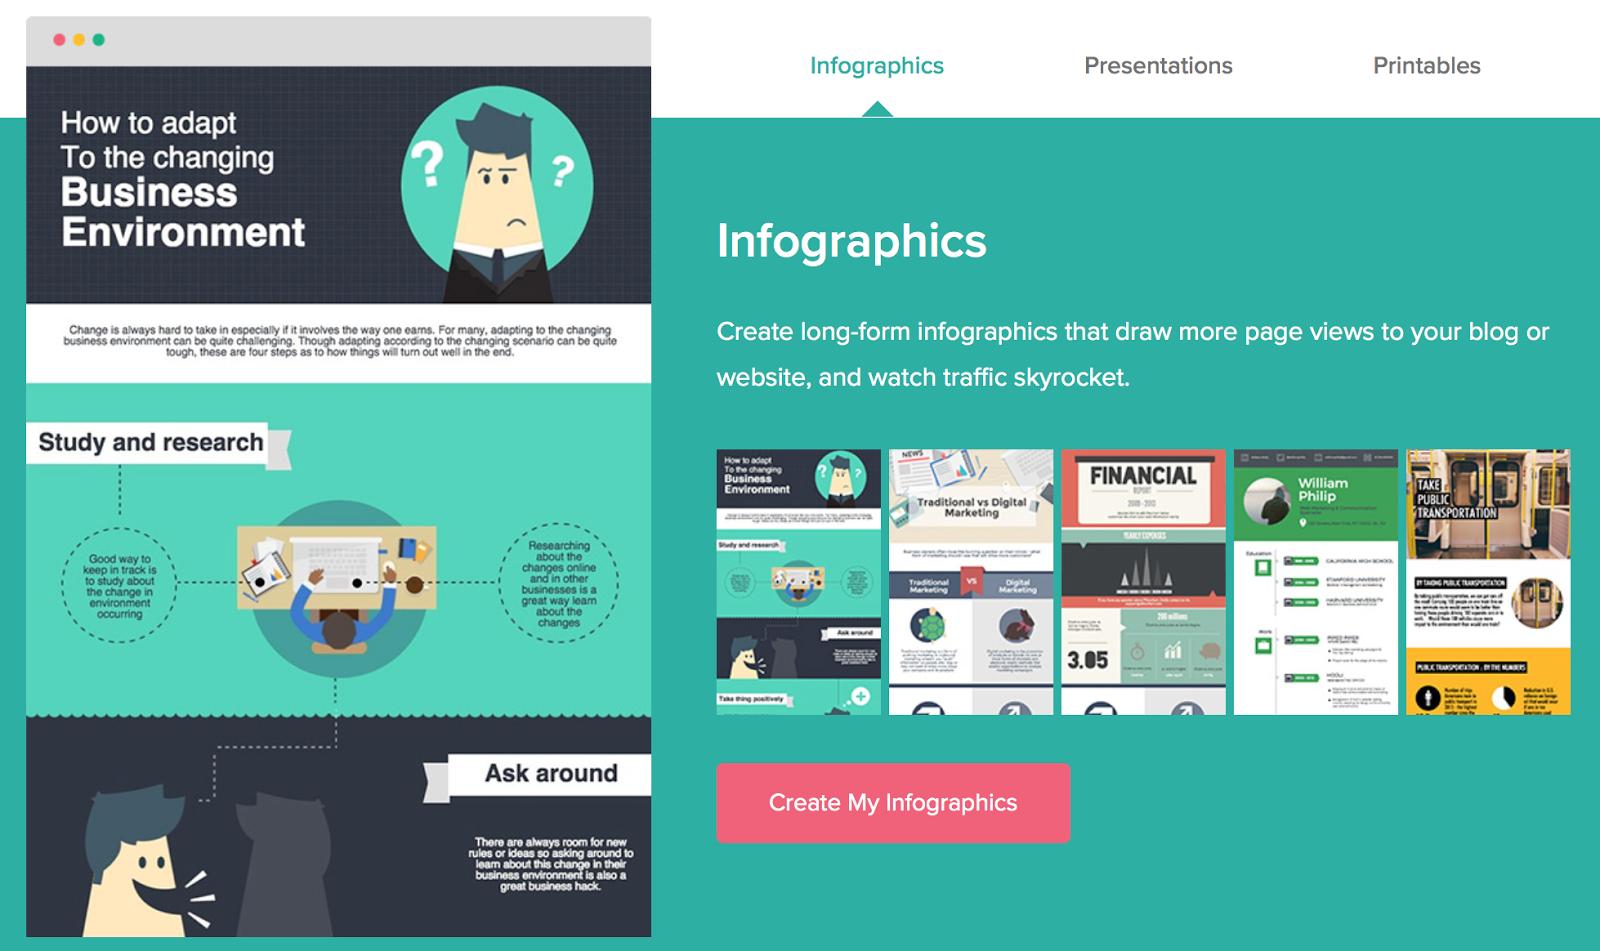 27 бесплатных сервисов для создания визуального контента без дизайнера - 7